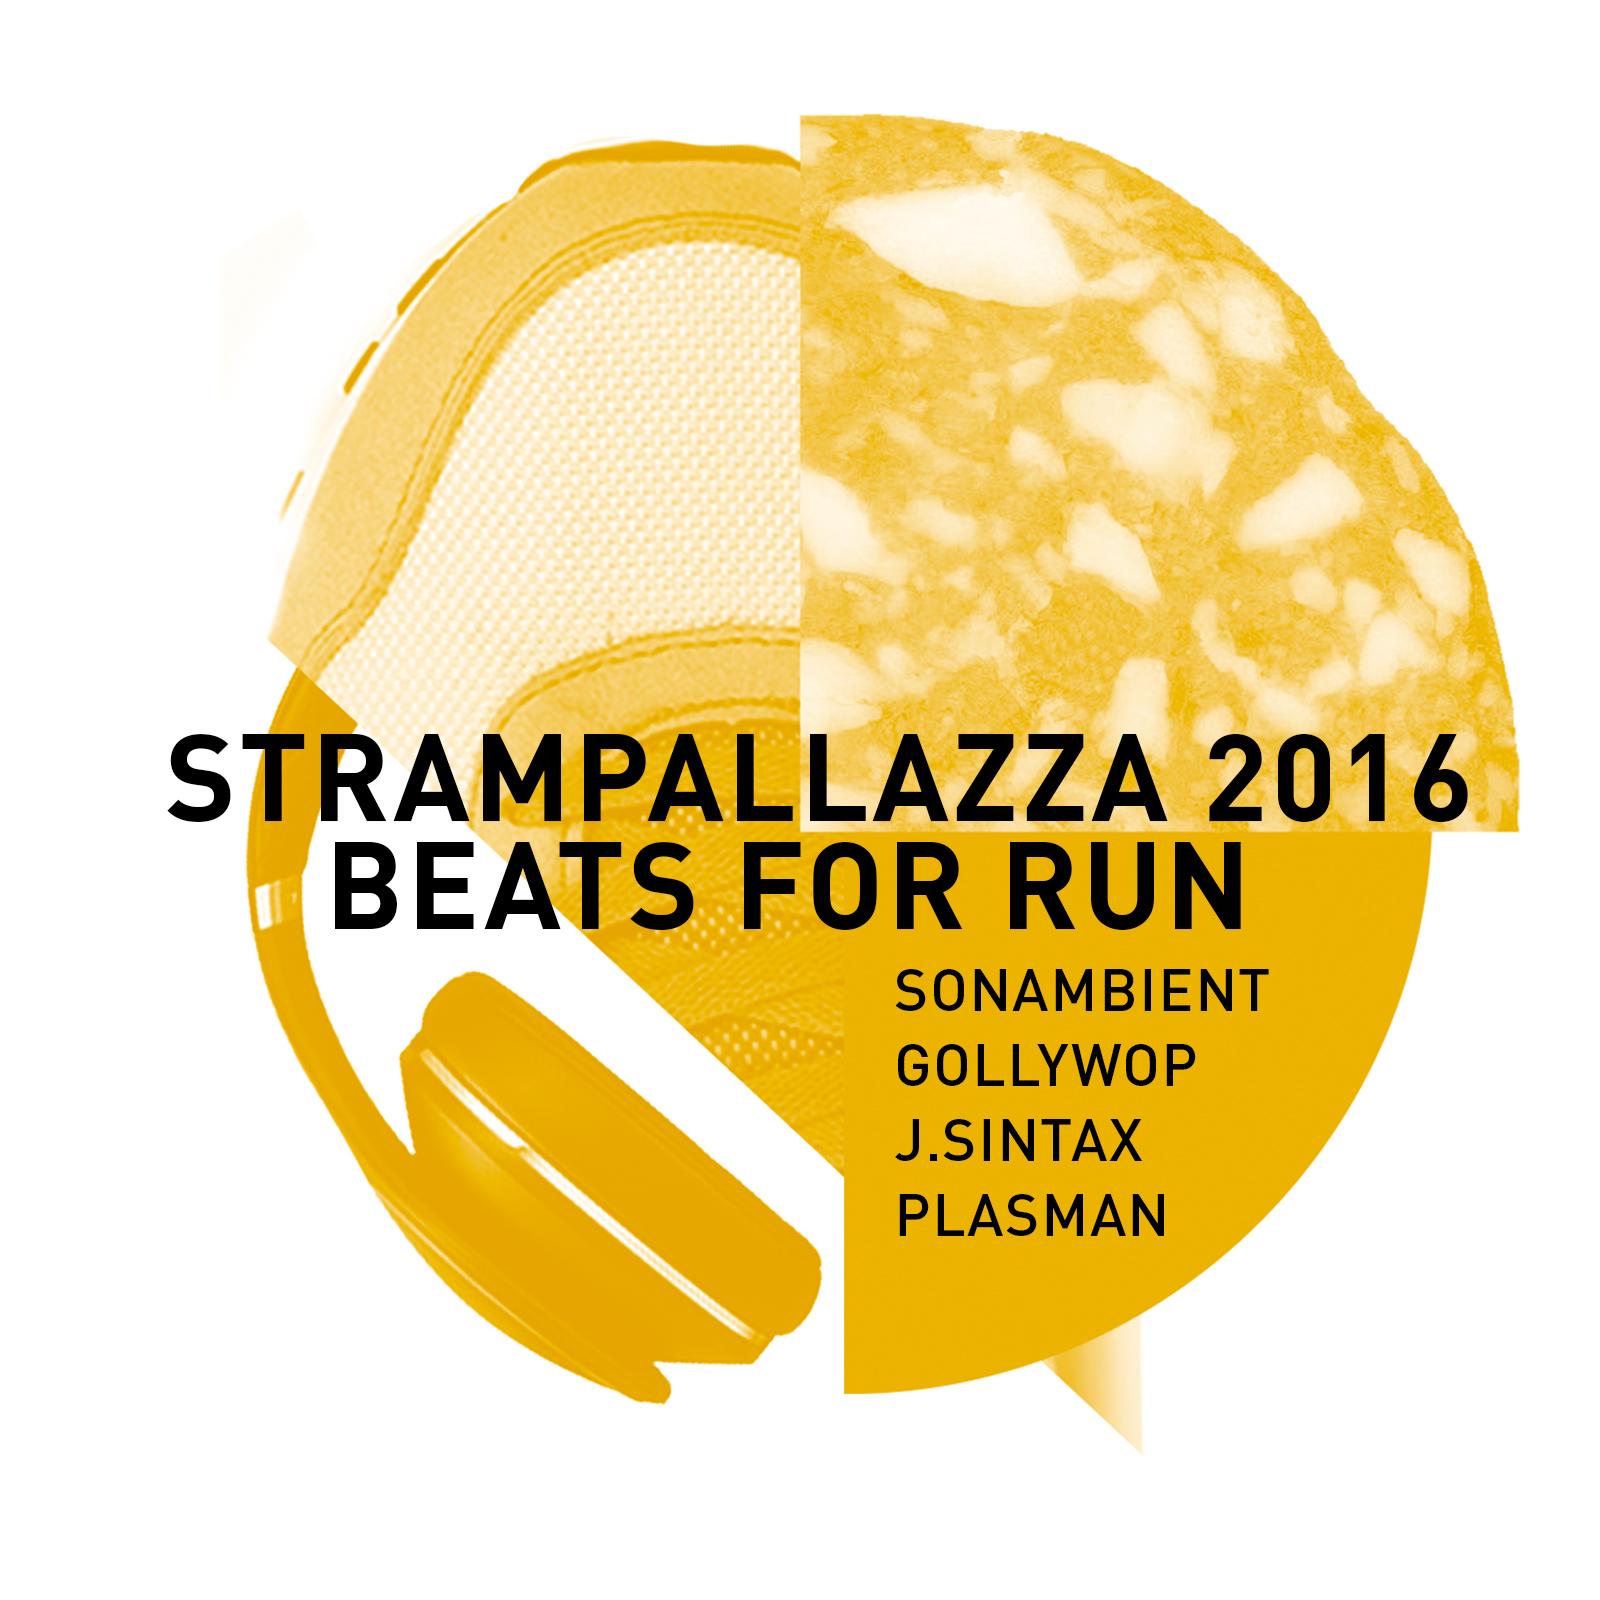 strampallazza-podcast-2016